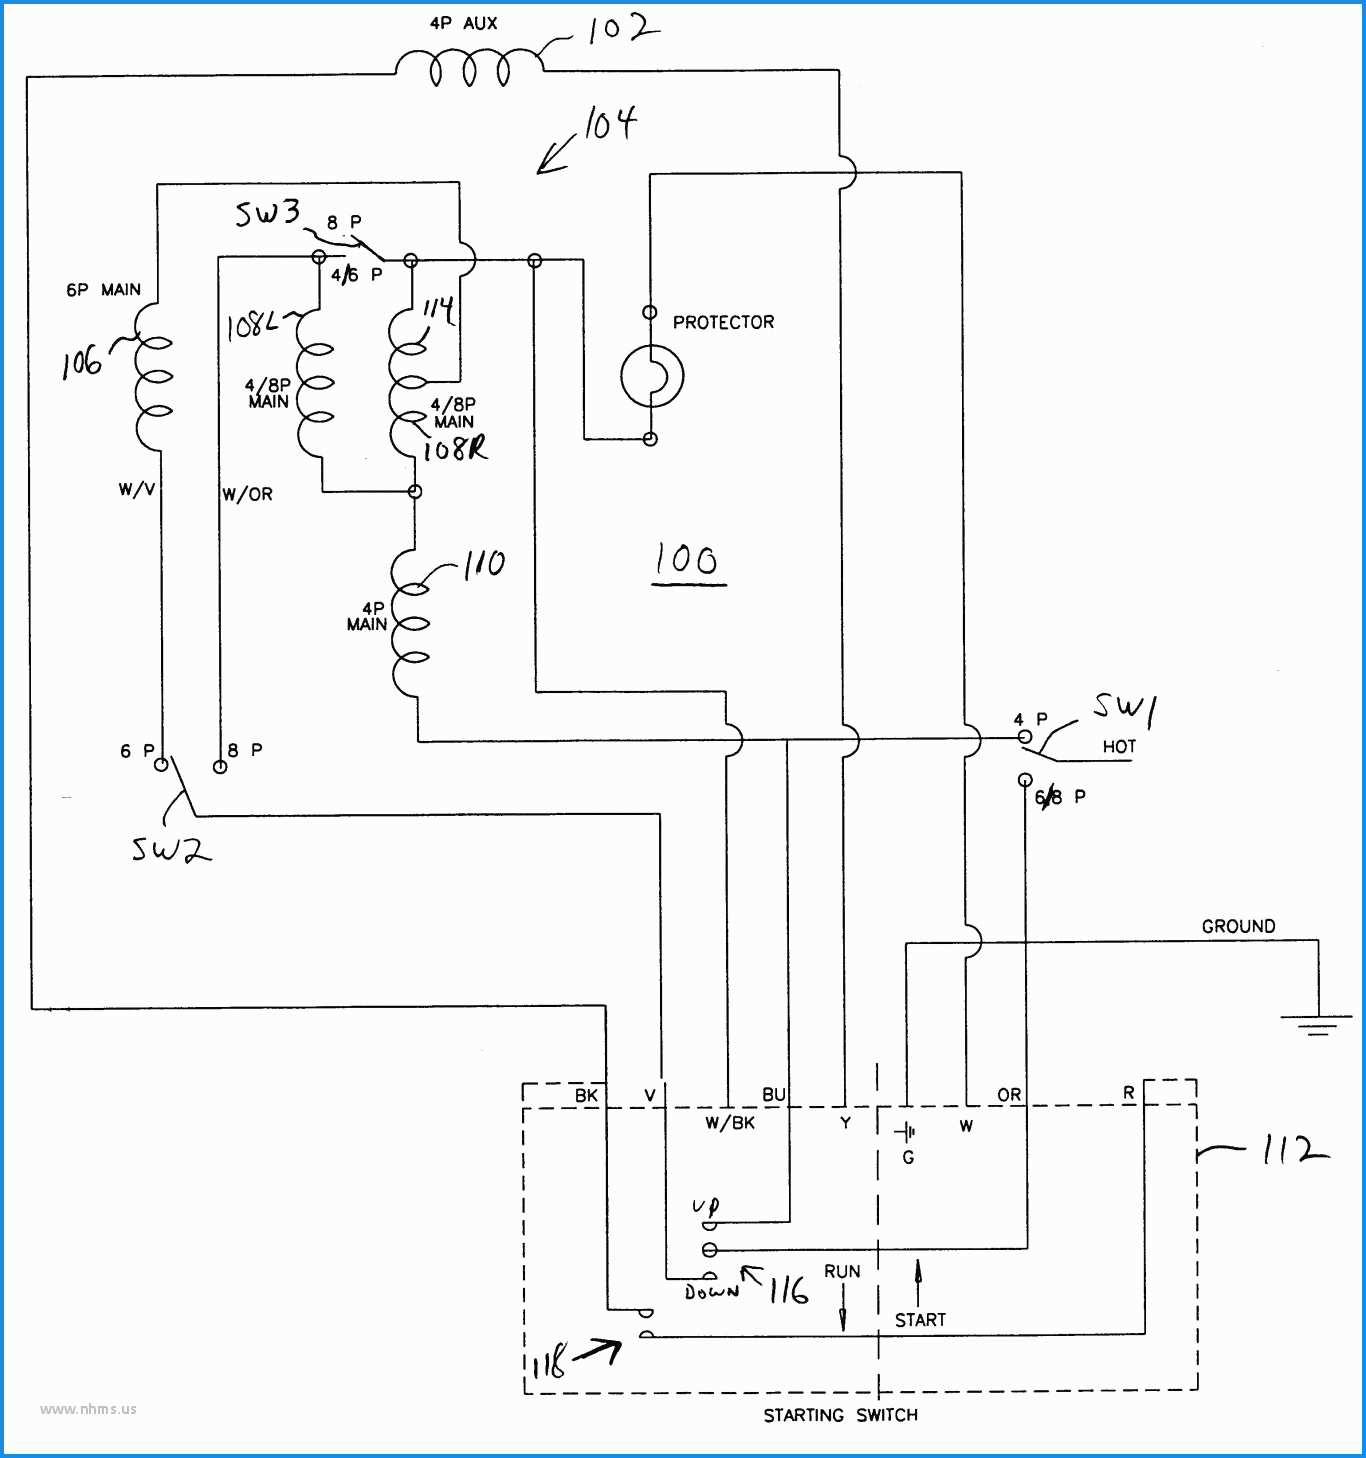 wiring diagrams ao smith motor wiring diagrams single phase 3 wireao smith wiring diagrams wiring diagram imp wiring diagrams ao smith motor wiring diagrams single phase 3 wire fan